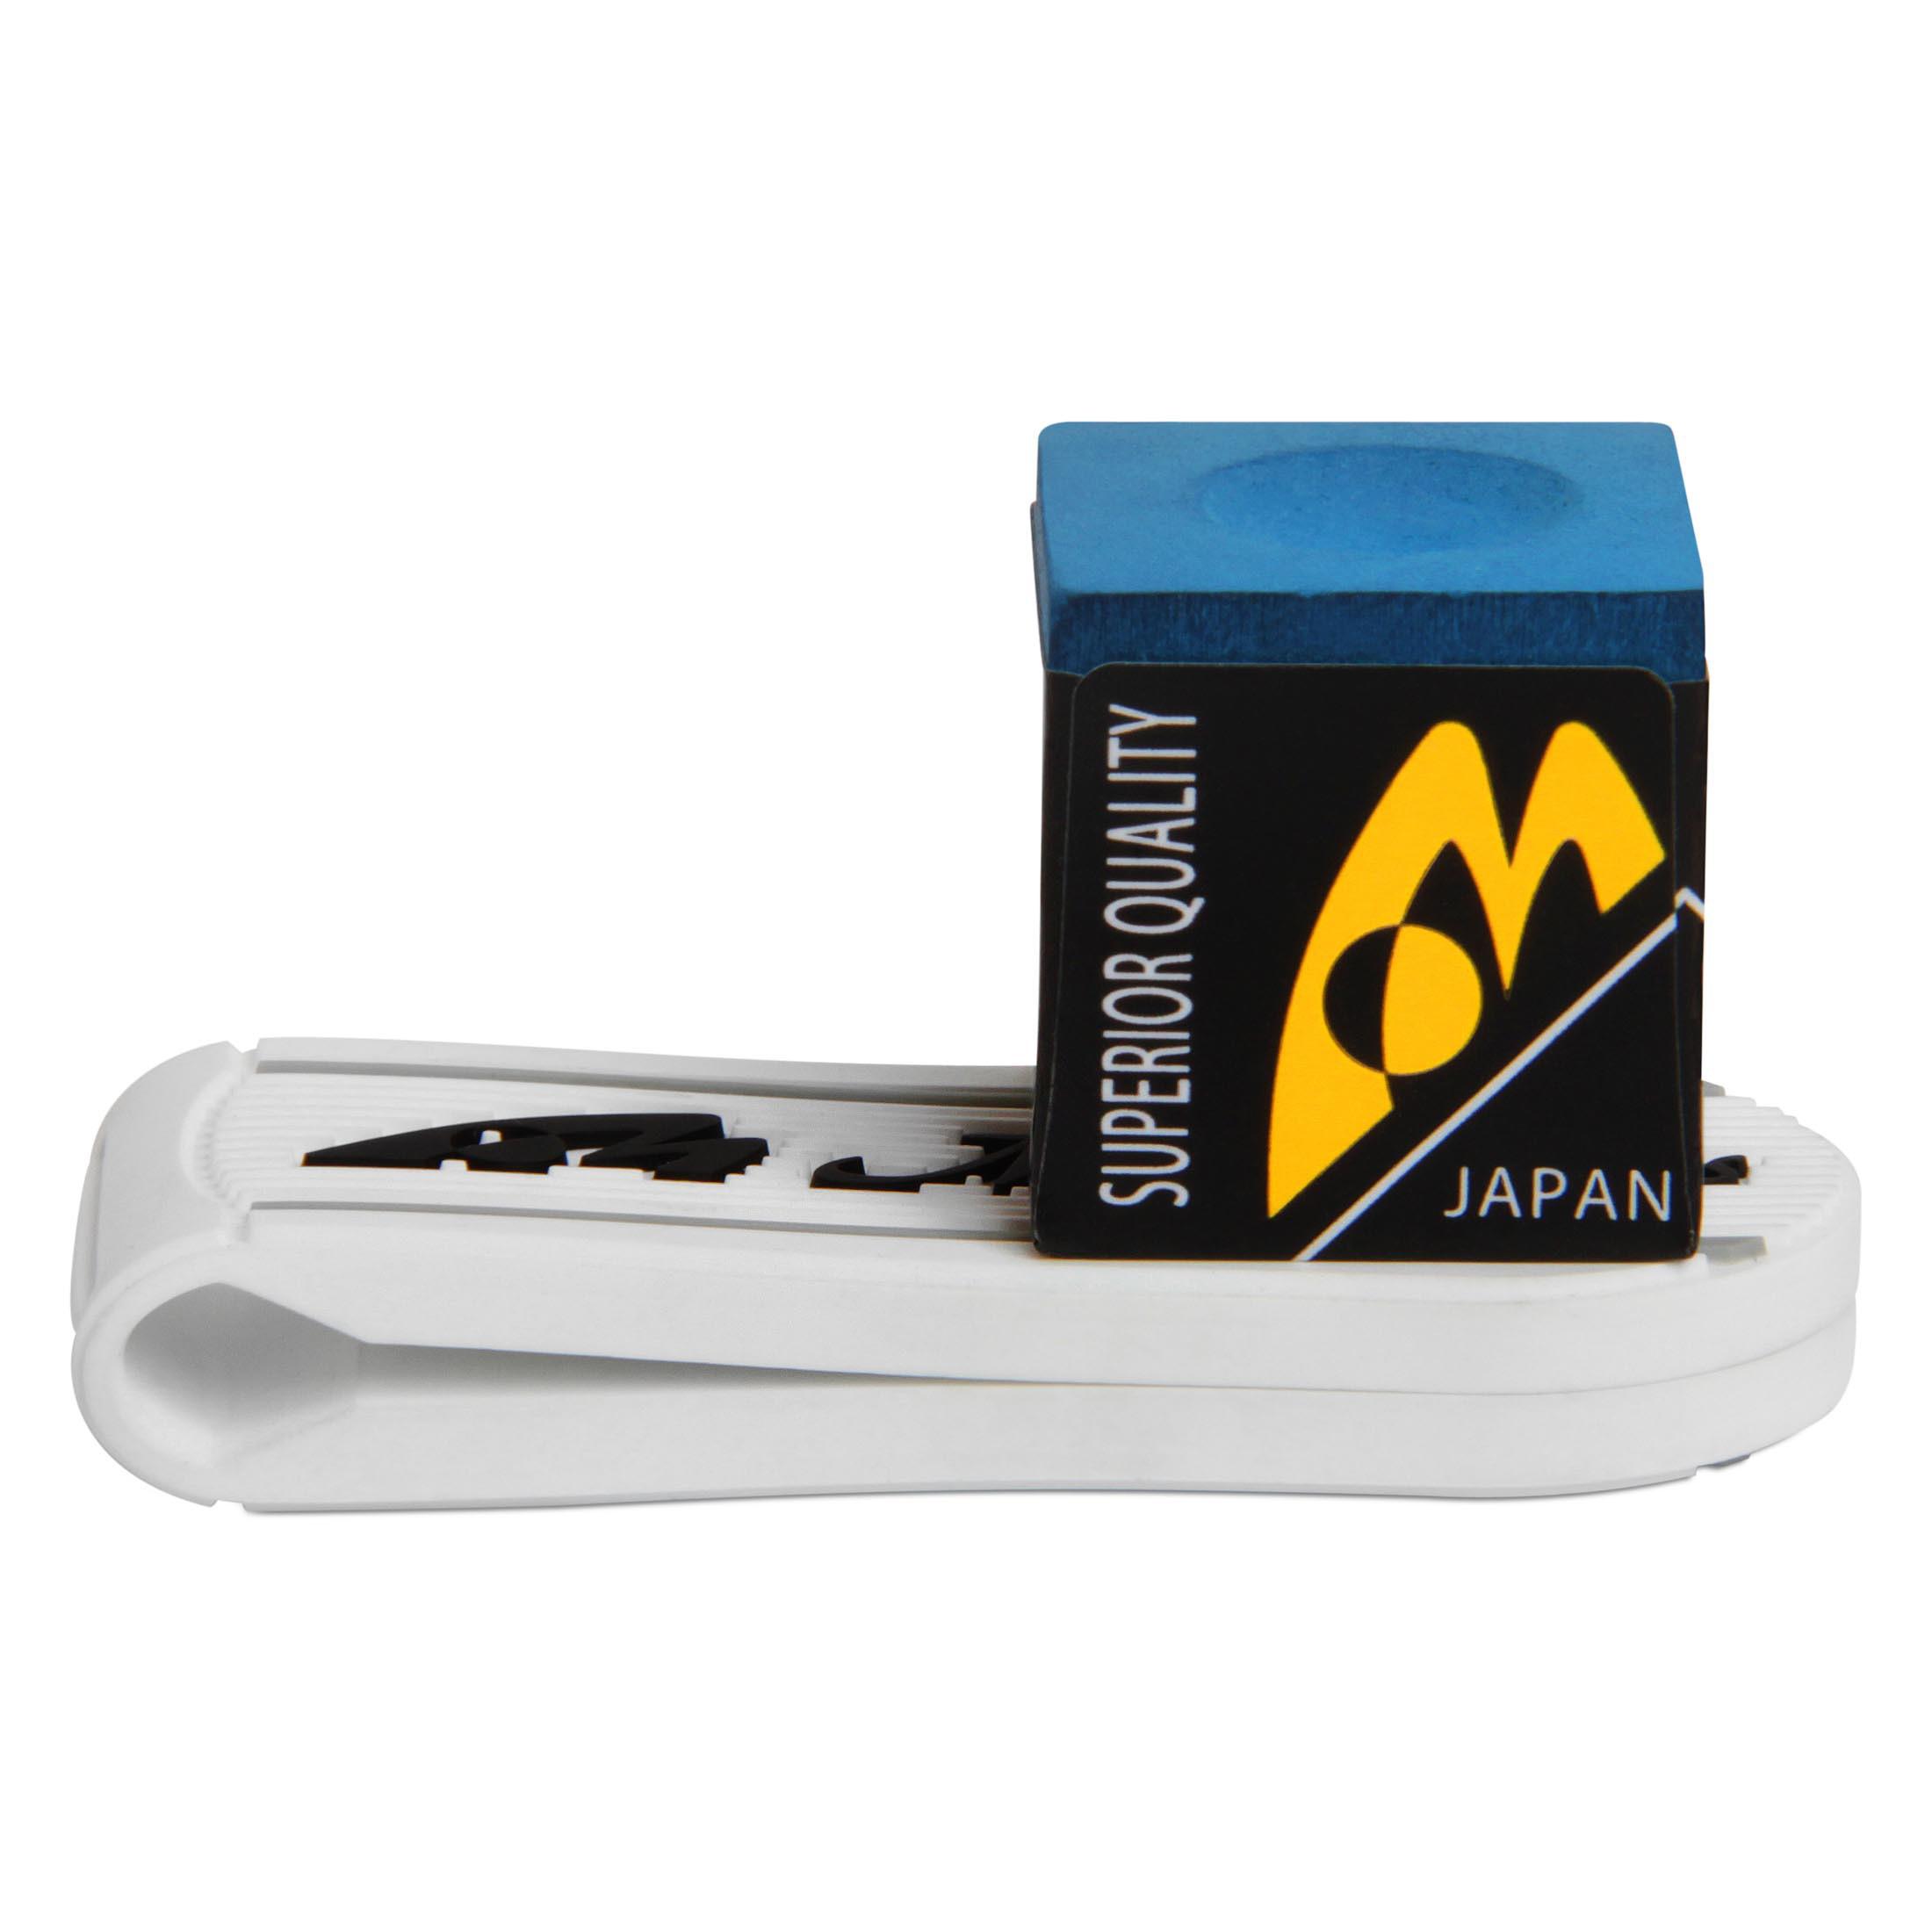 Держатель для мела Mezz Magnetic Chalk Holder MPH-WK белый/черный